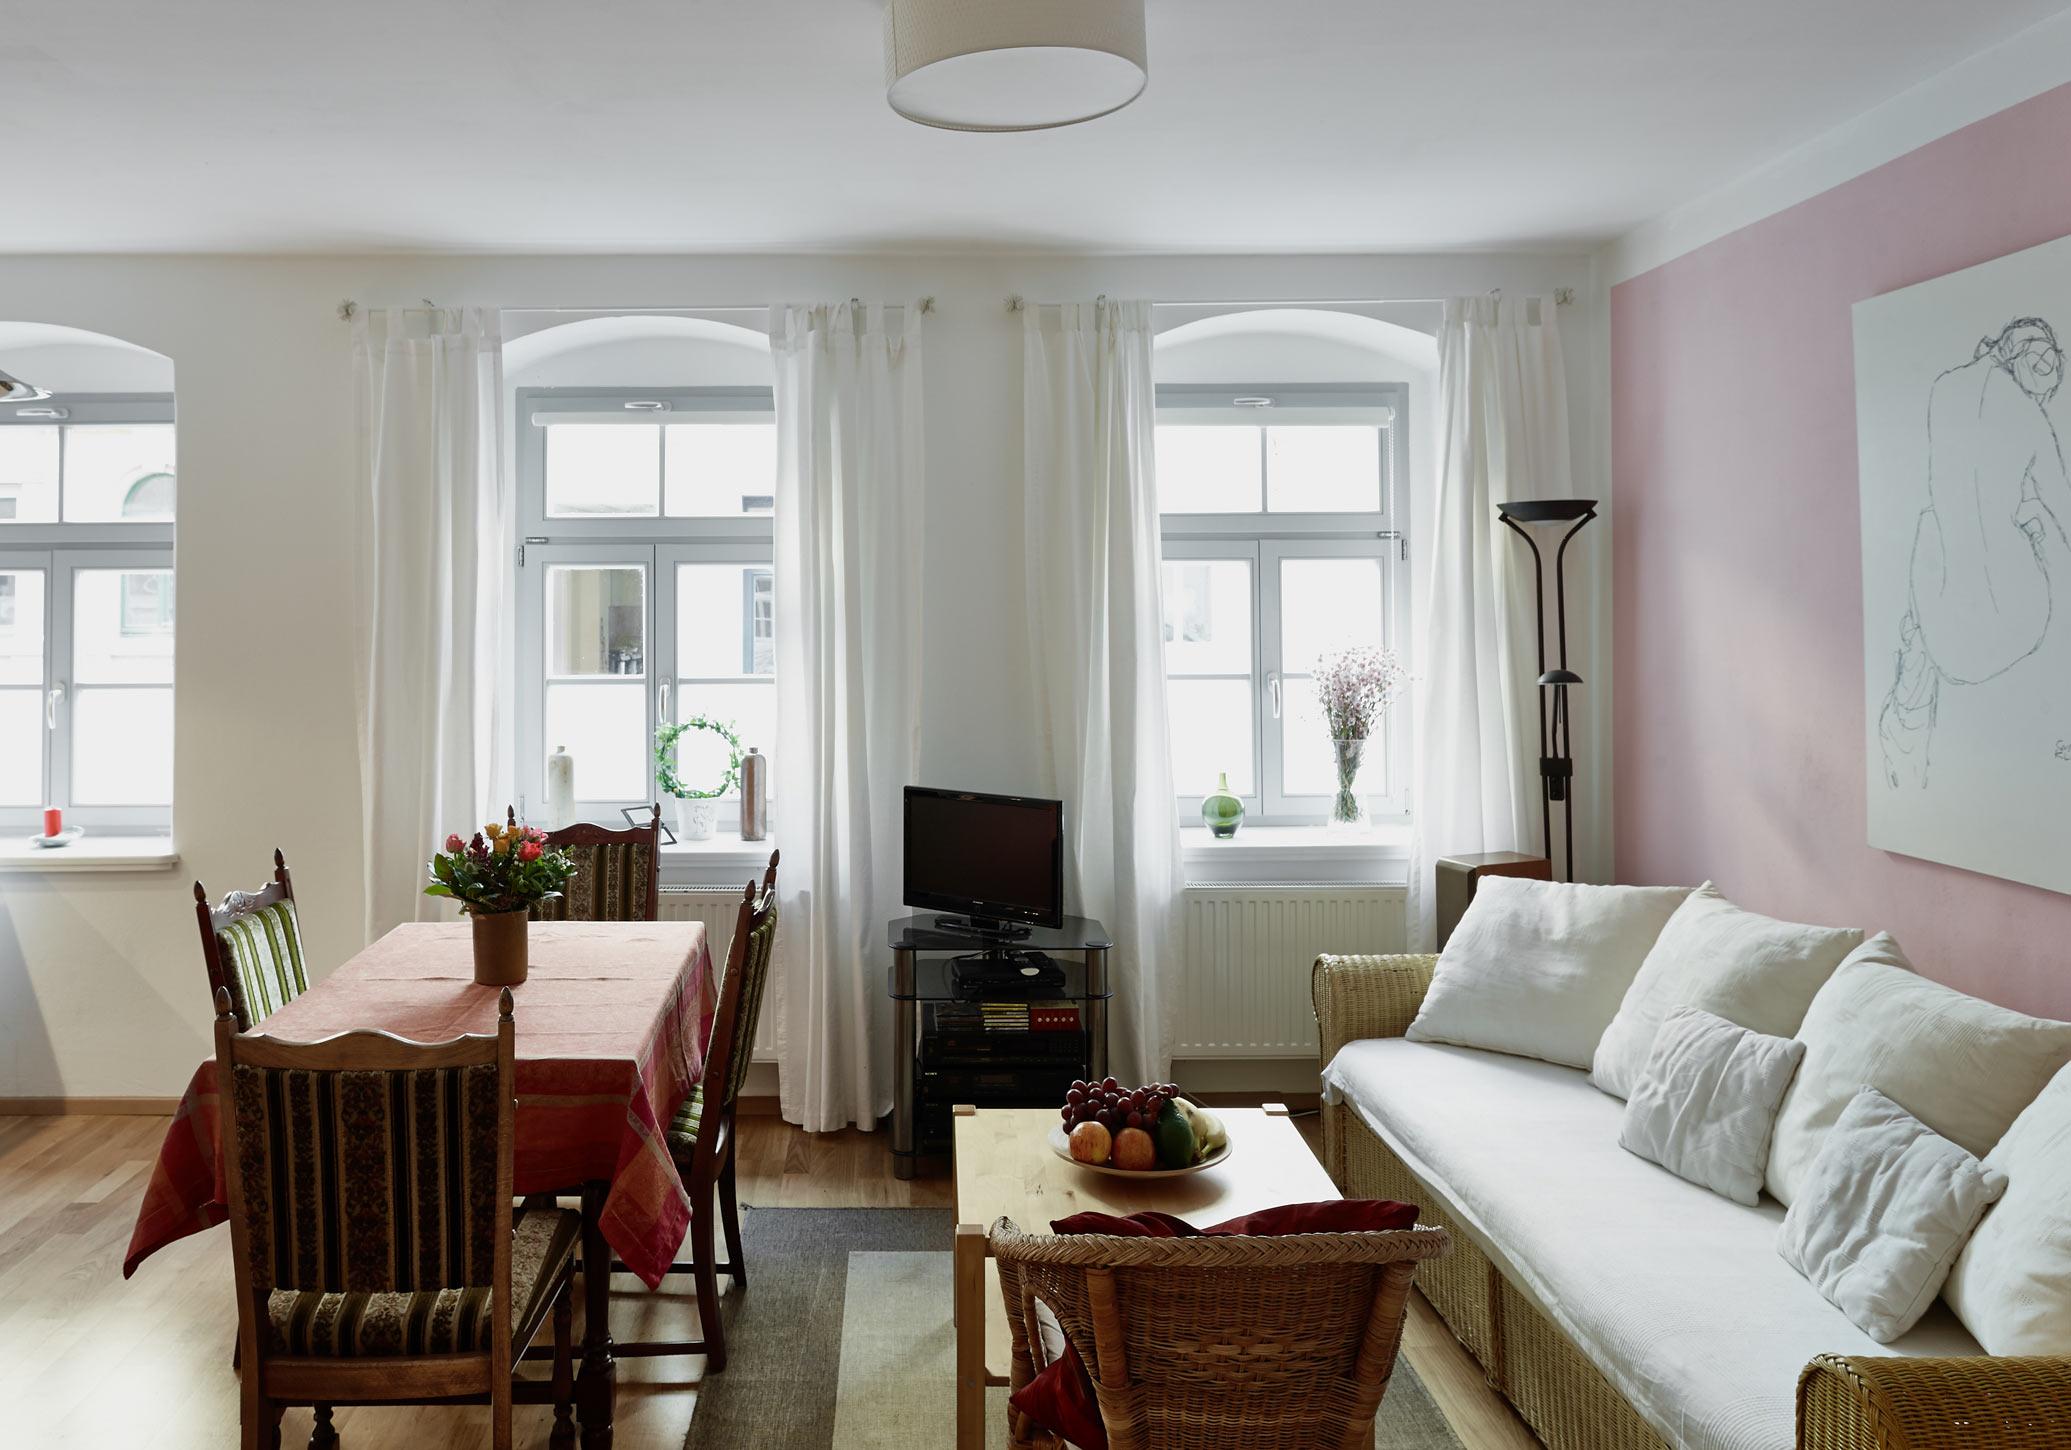 ferienwohnung priessnitz in dresden wohnen auf zeit in der dresdner neustadt. Black Bedroom Furniture Sets. Home Design Ideas